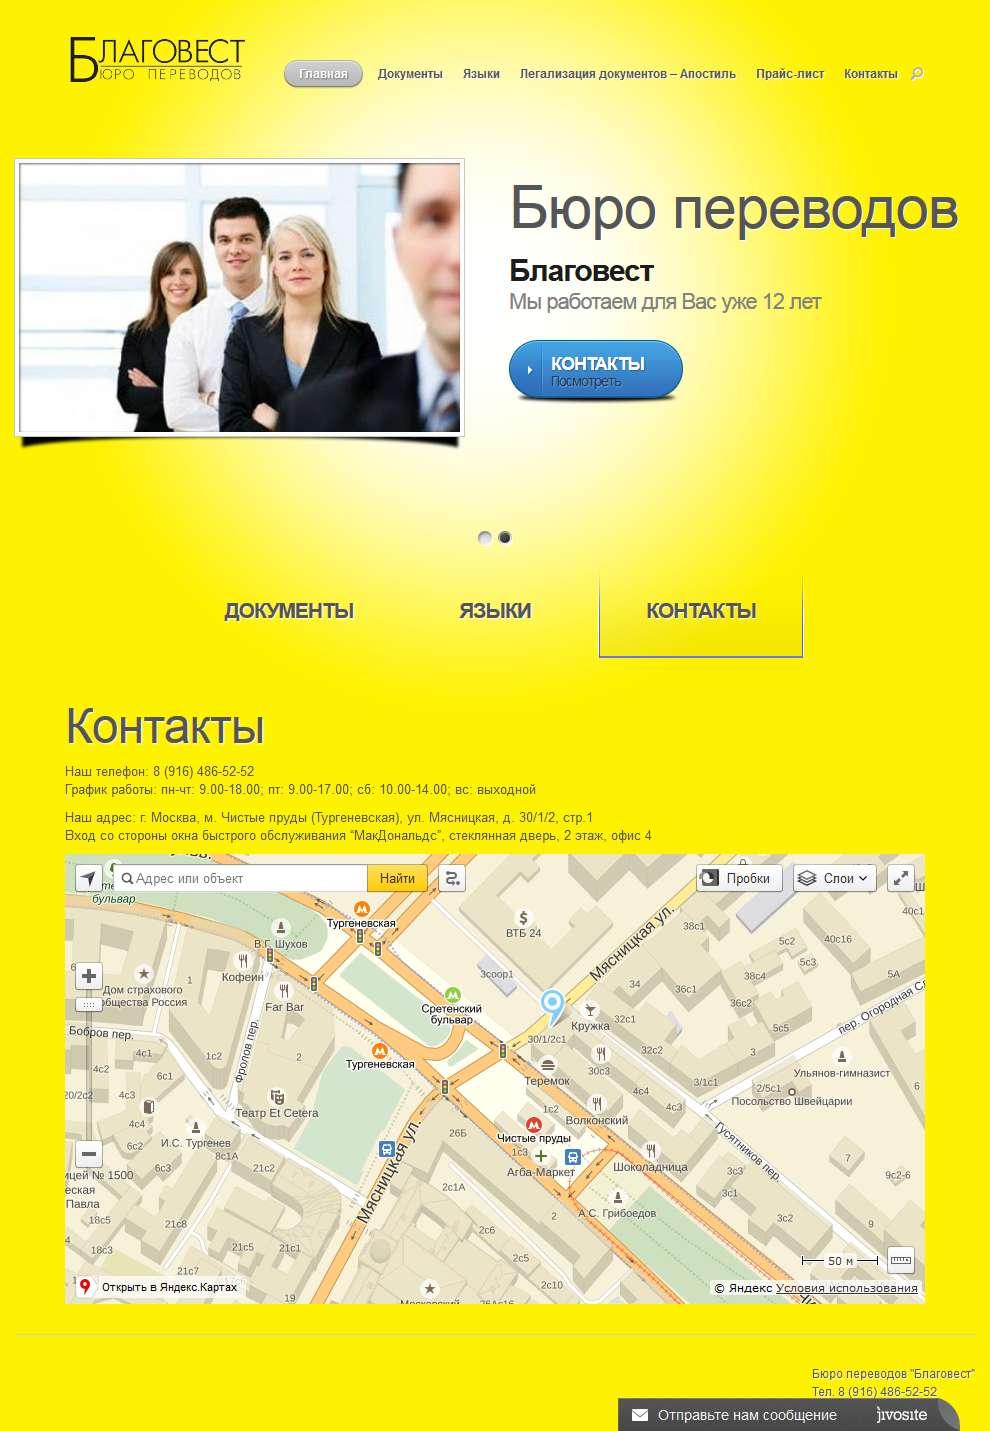 Пример сайта визитки - бюро переводов - контакты